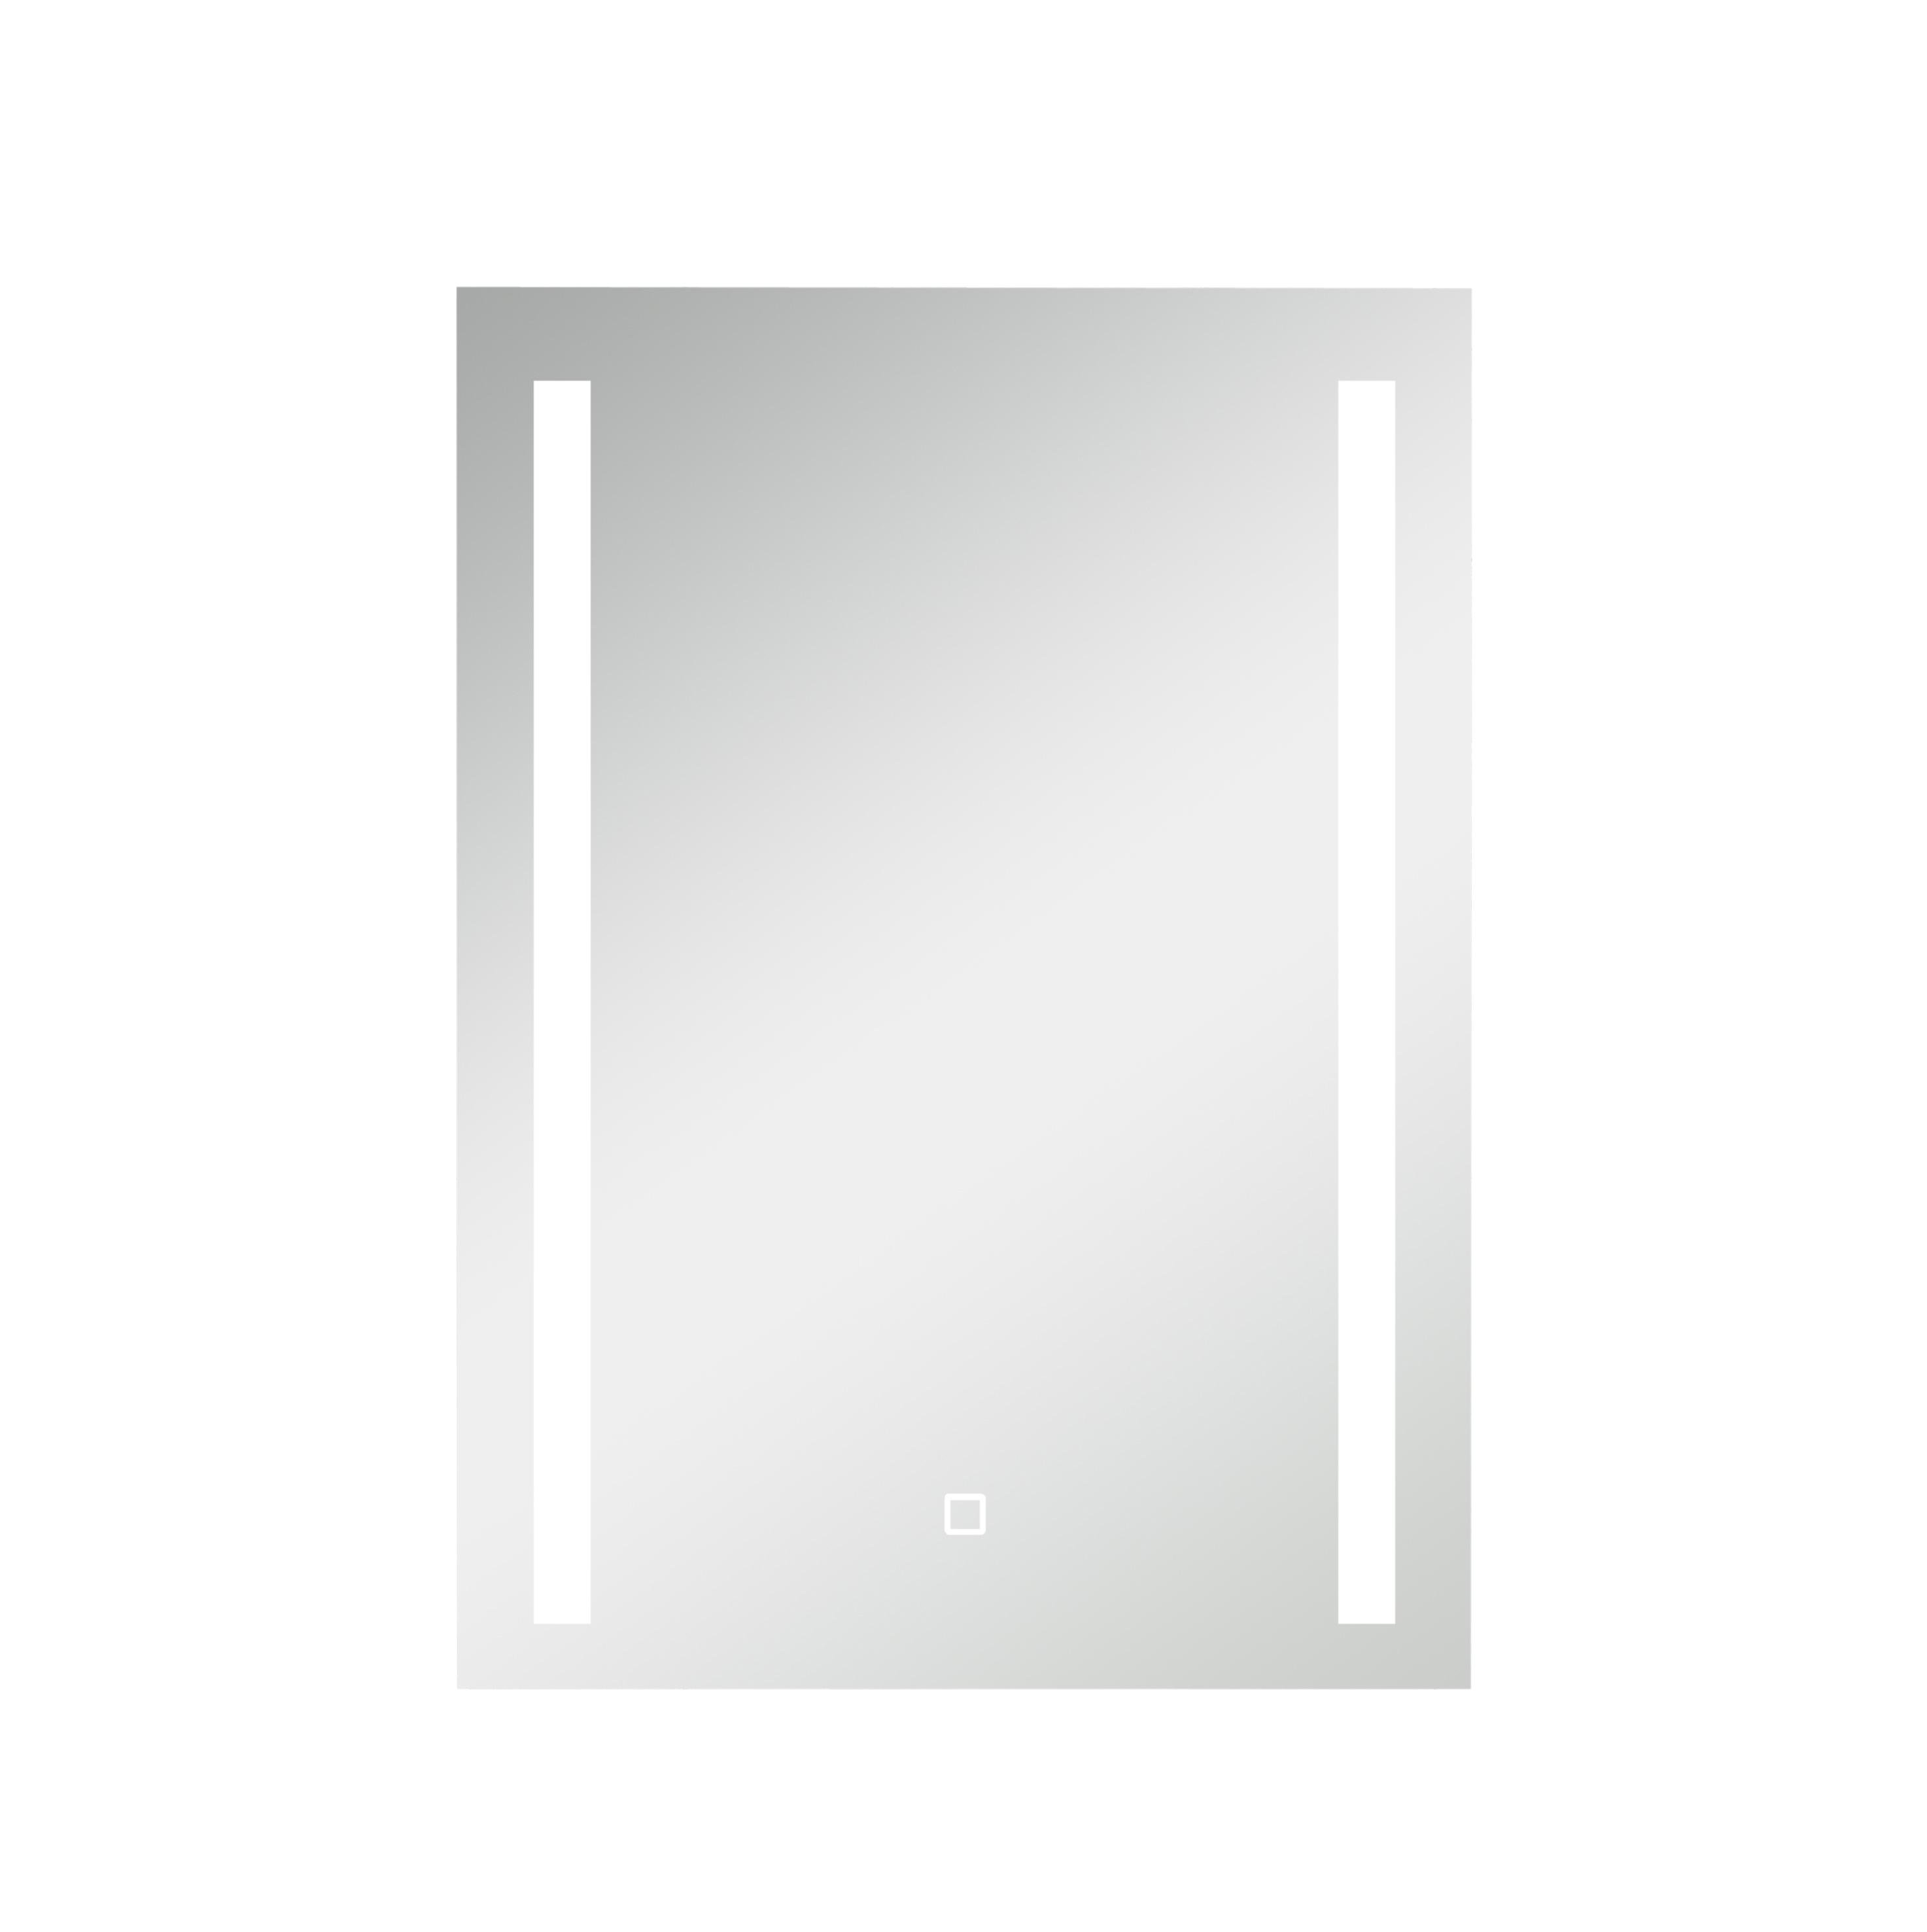 Elba lysspeil med touch bryter er en del av den fleksible baderomsløsningen fra Duxa.